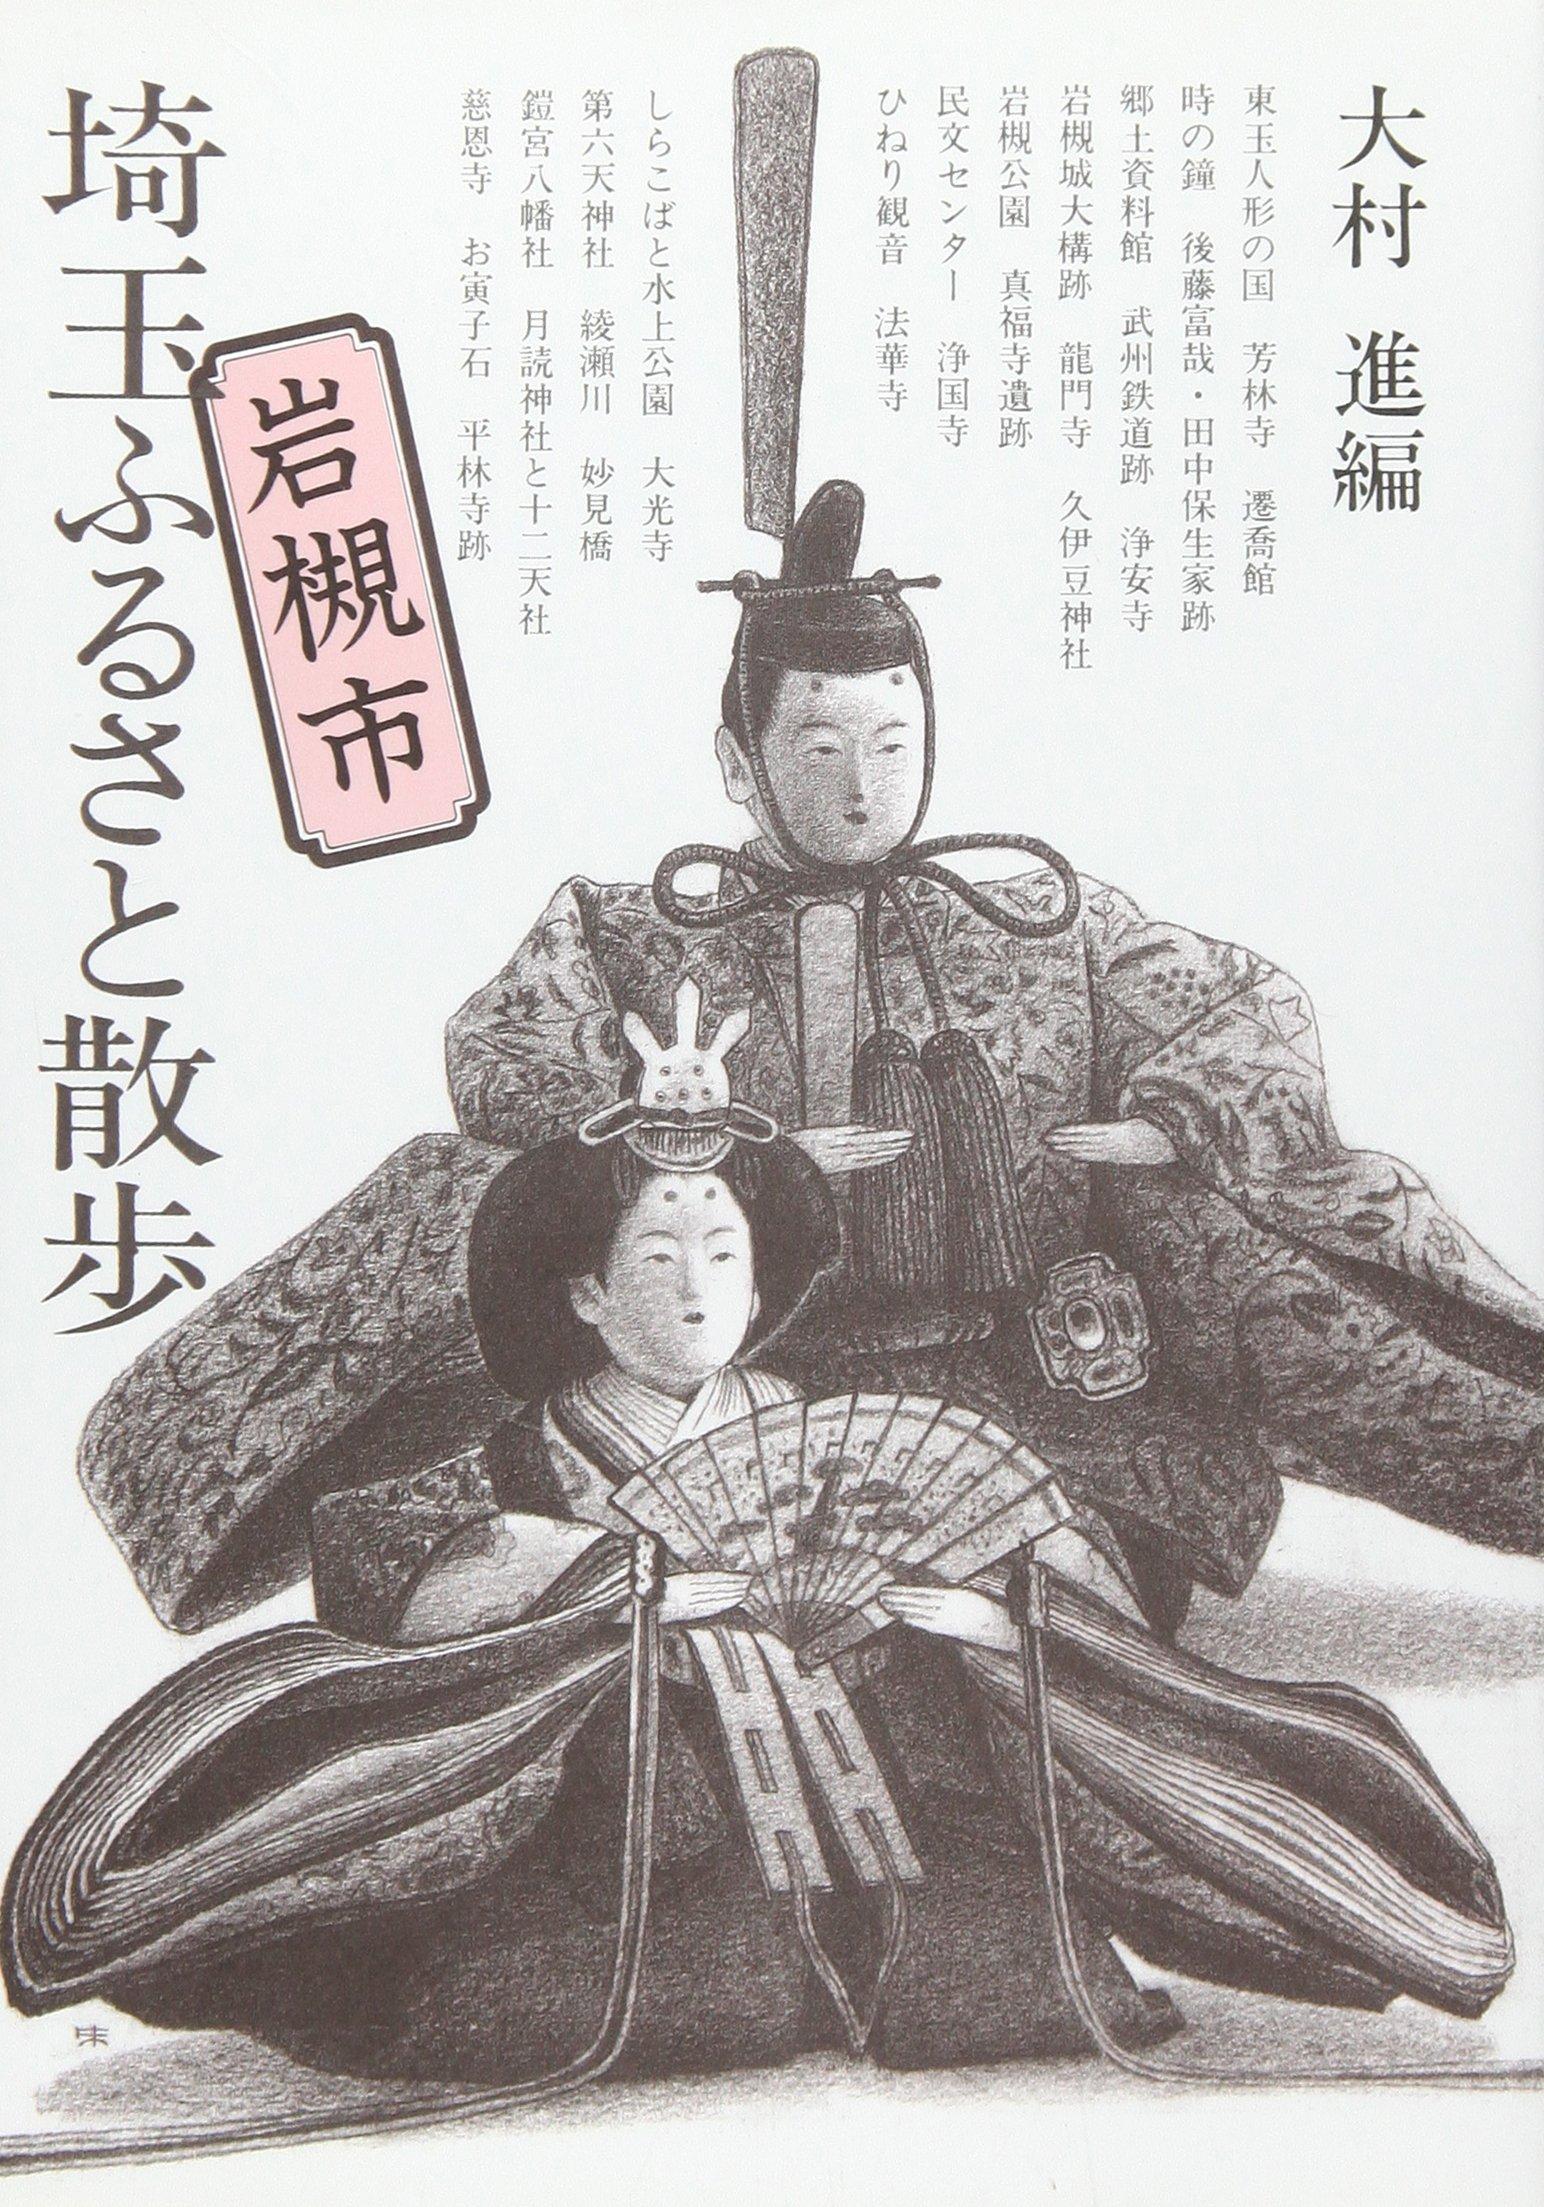 埼玉ふるさと散歩 岩槻市編